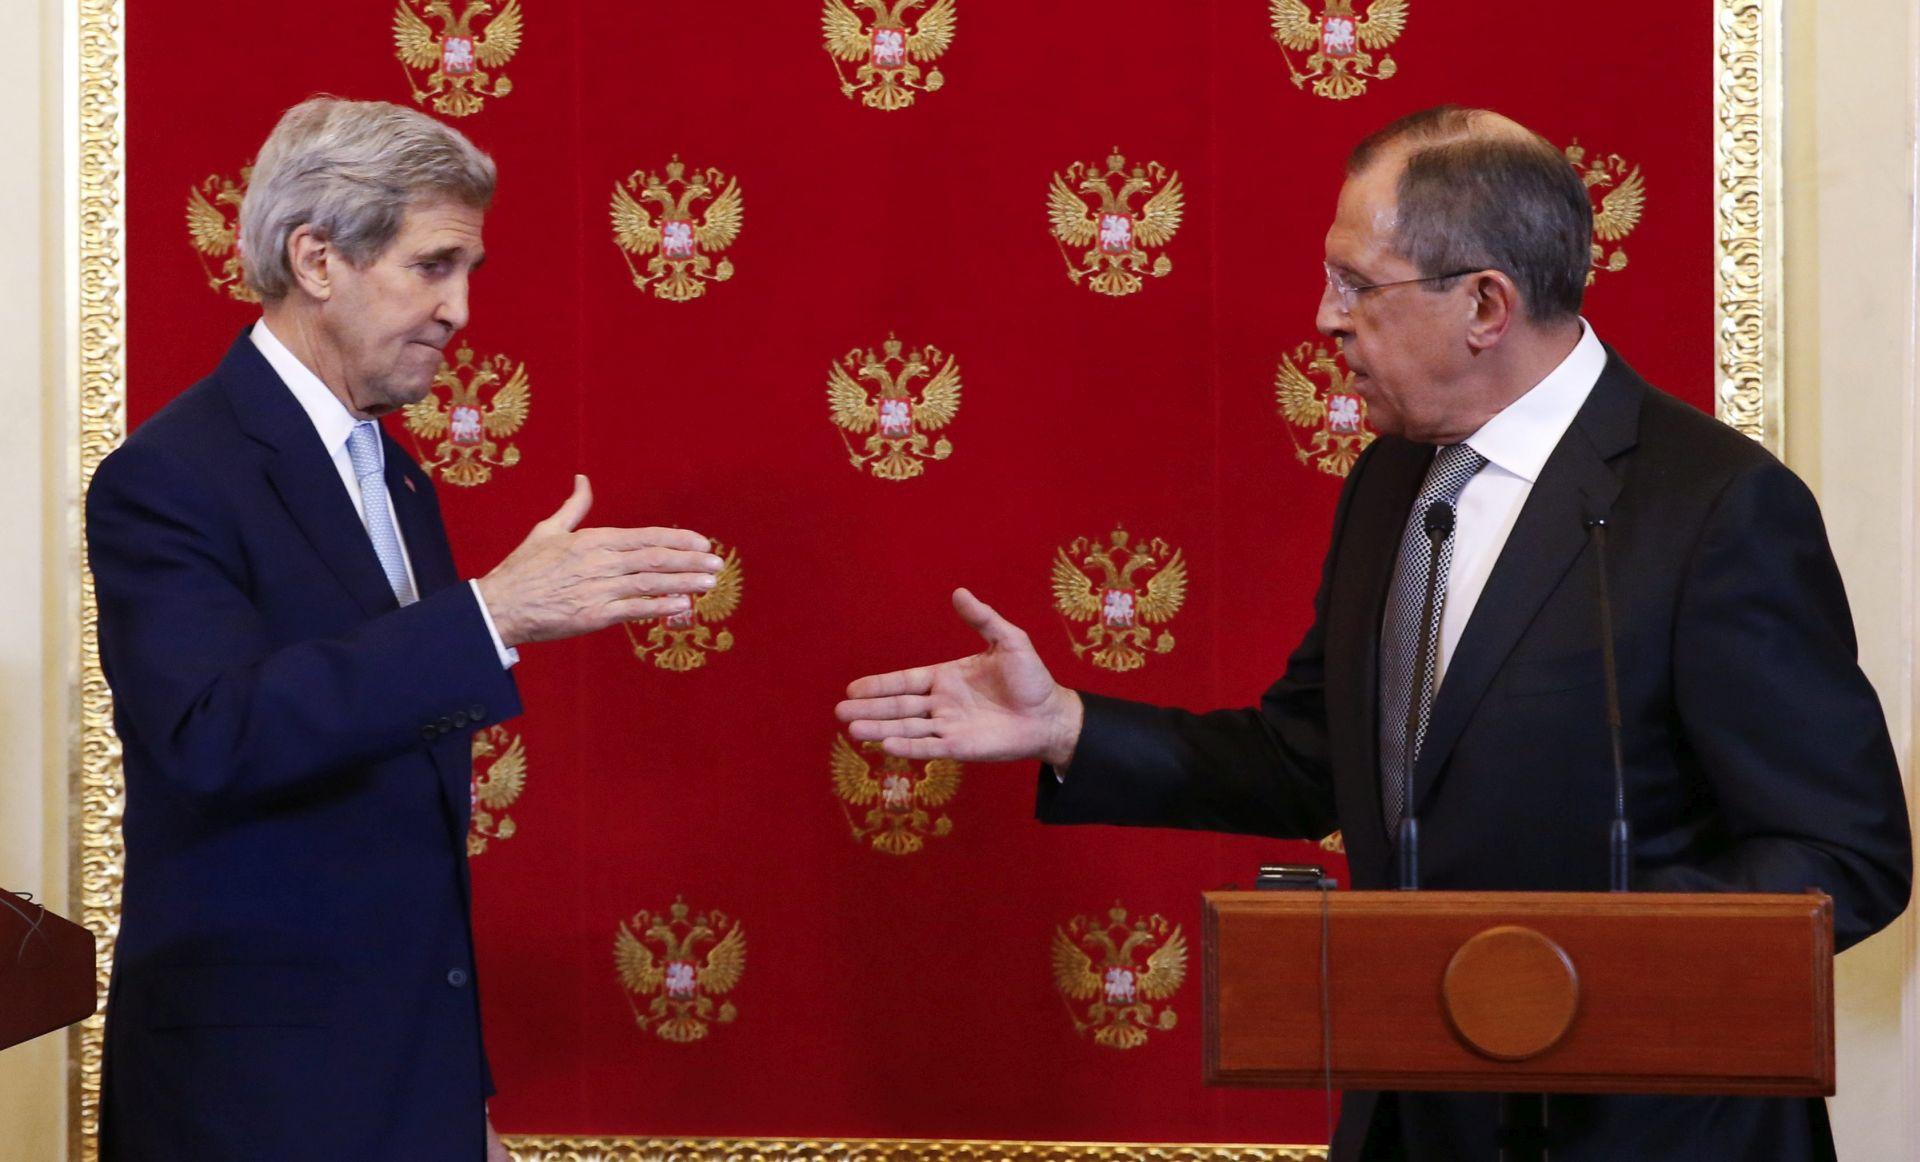 NAKON MOSKVE: Američko-ruski razgovori o Siriji nastavit će se u petak u New Yorku